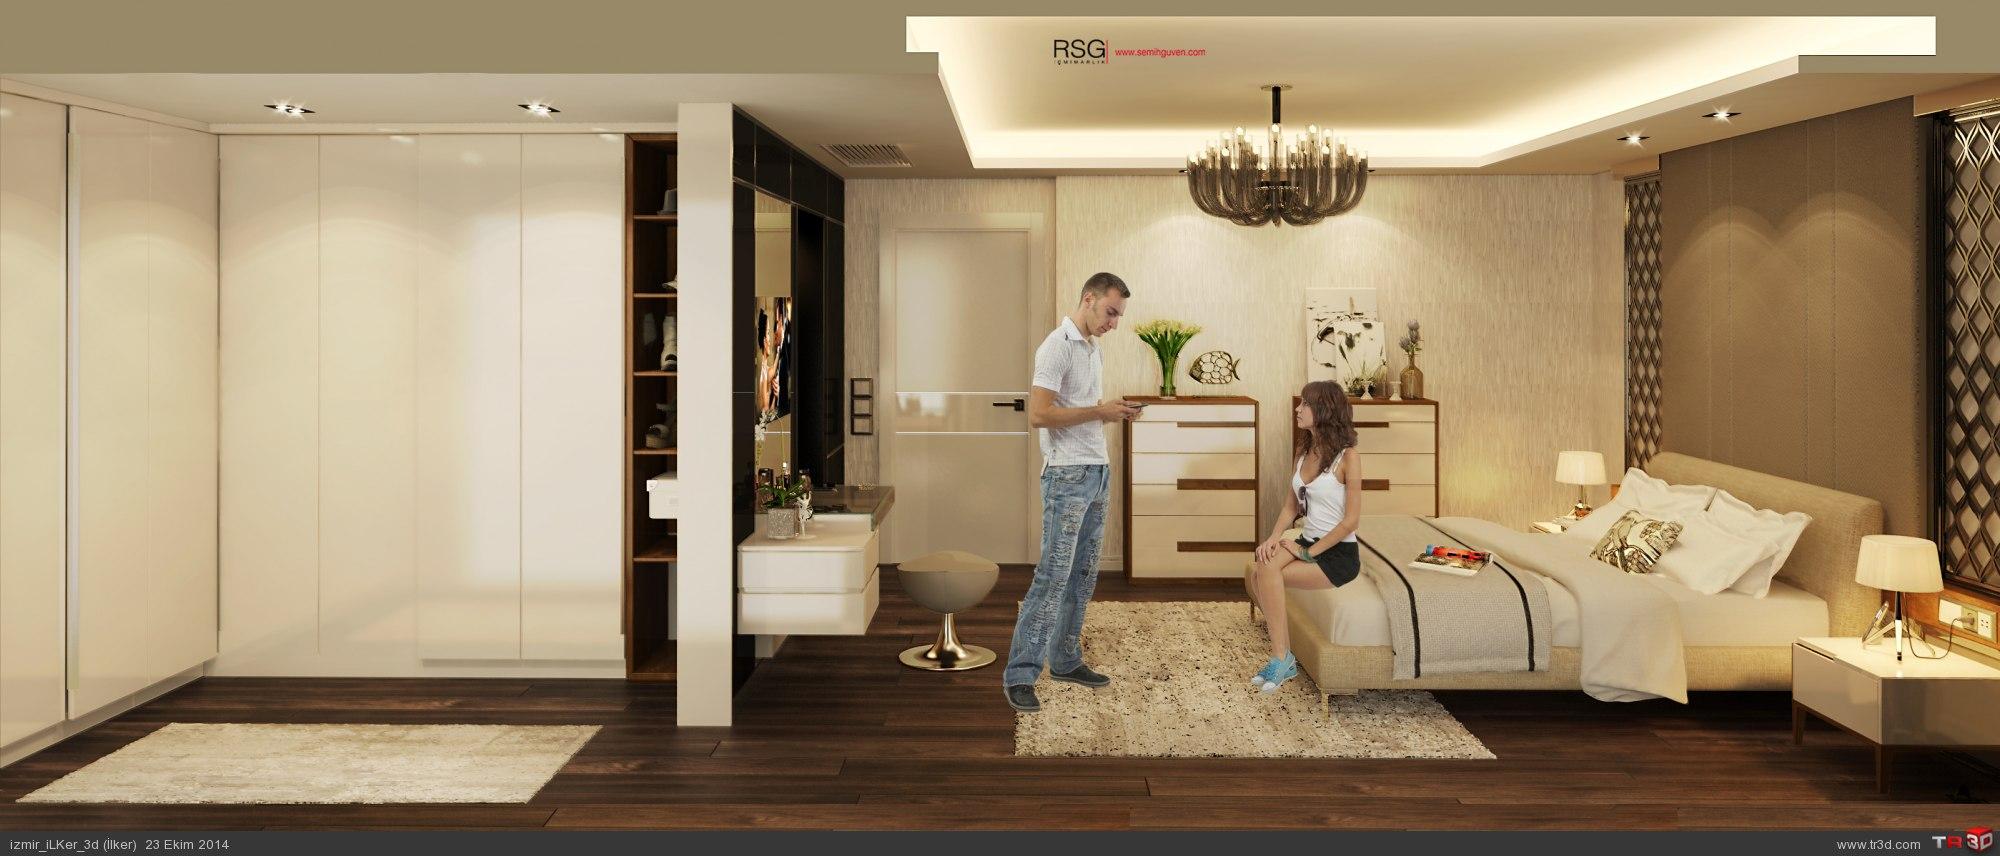 Mutfak & Yatak Odası & Banyo 5